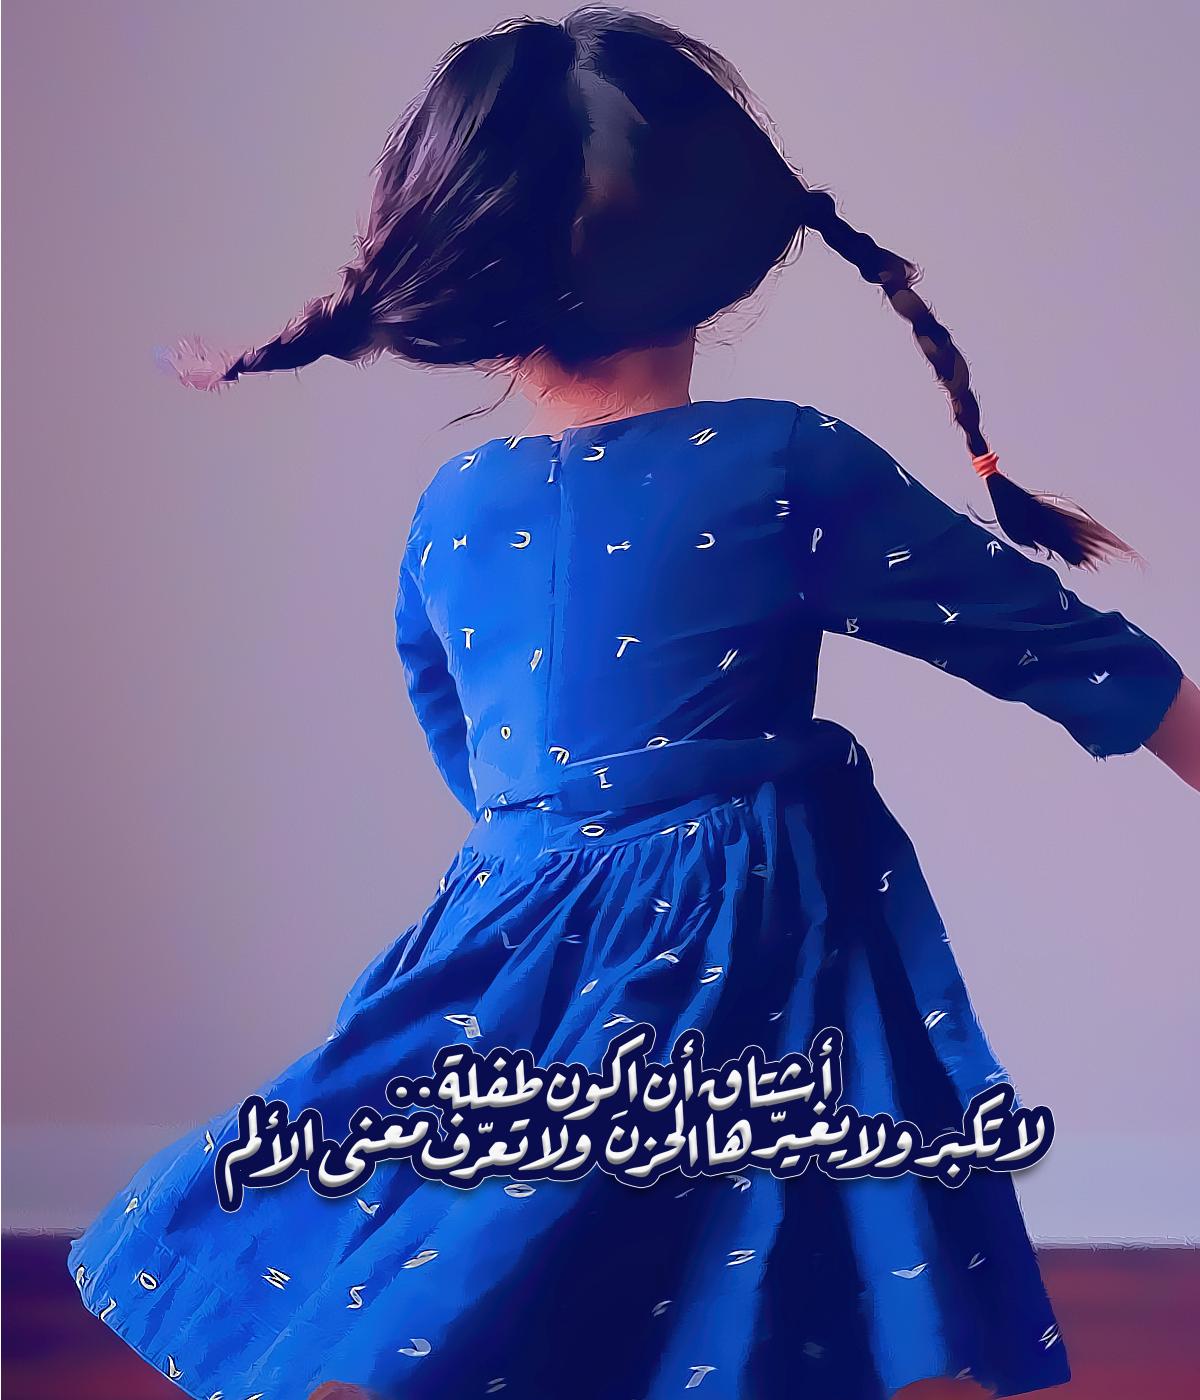 أشتاق أن اكون طفلة لا تكبر ولايغيرها الحزن ولاتعرف معنى الألم Arab Fashion Beautiful Girl Photo Funny Arabic Quotes